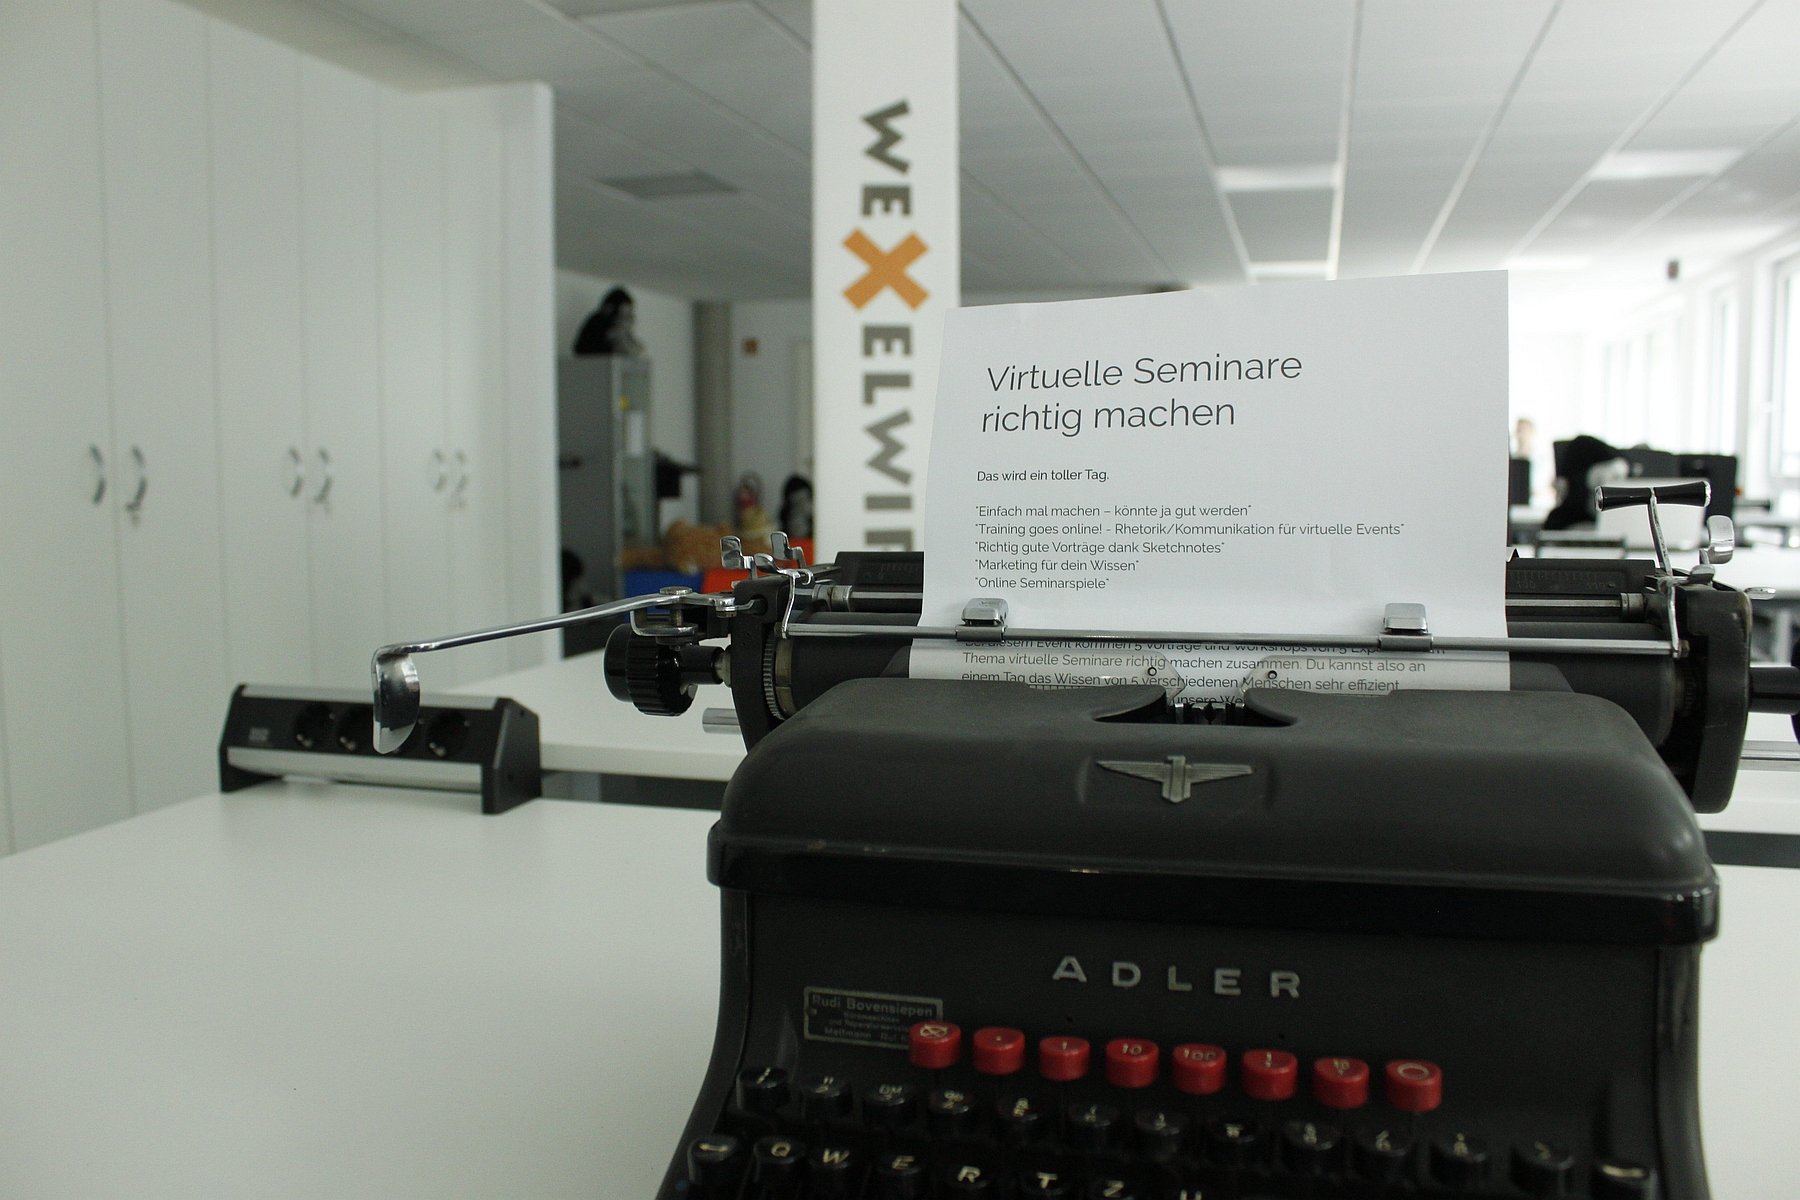 Schreibmaschine mit einem Blatt auf dem der Titel der Veranstaltung steht